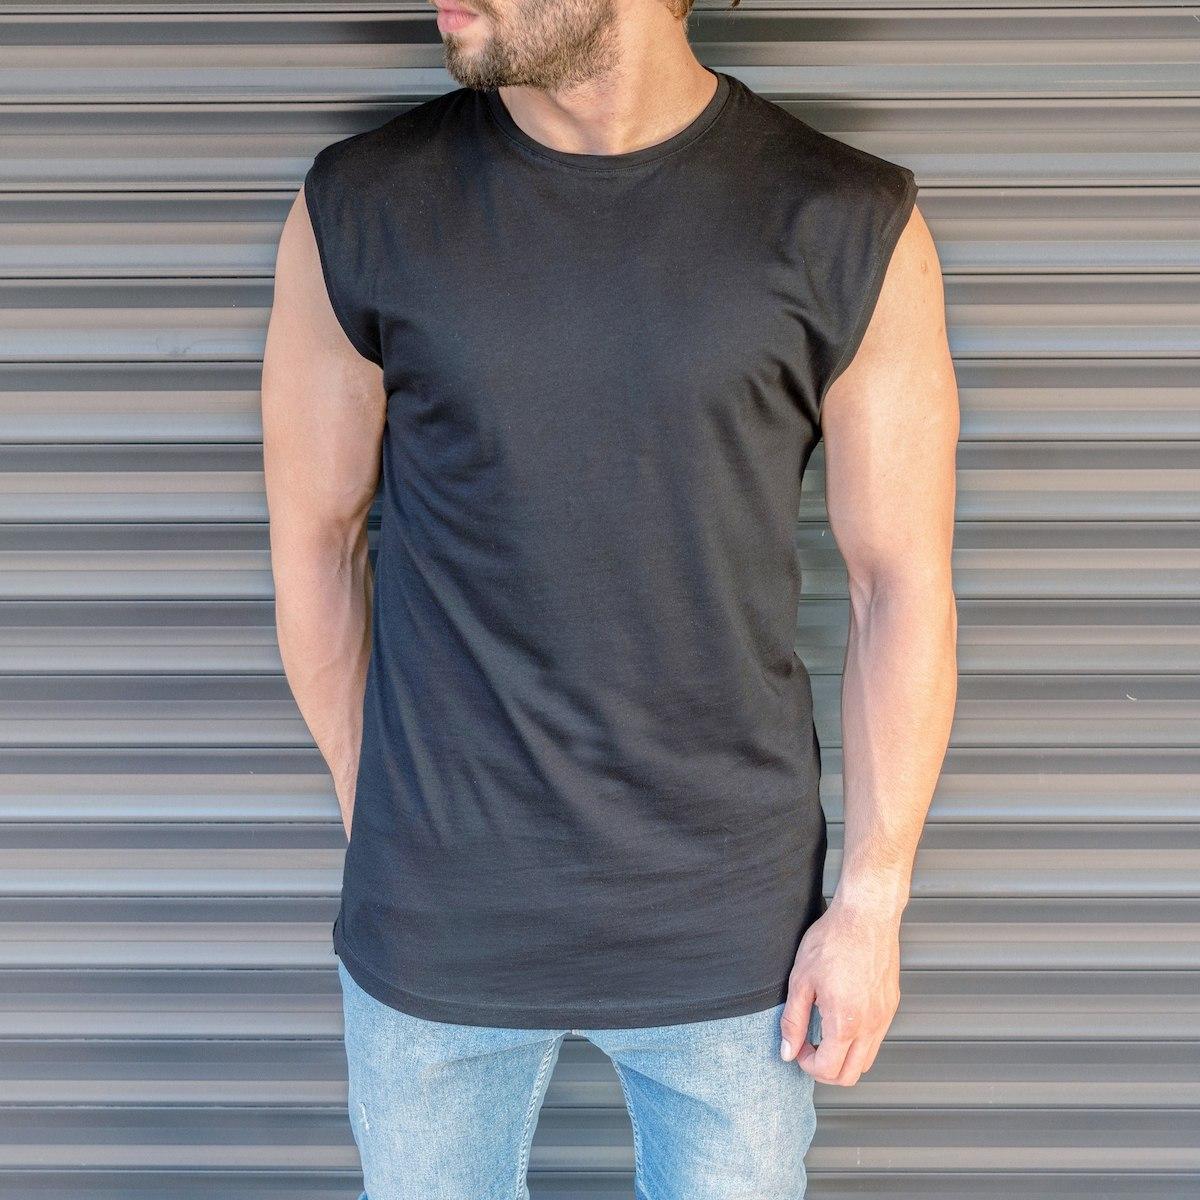 Men's Basic Sleeveless T-Shirt In Black